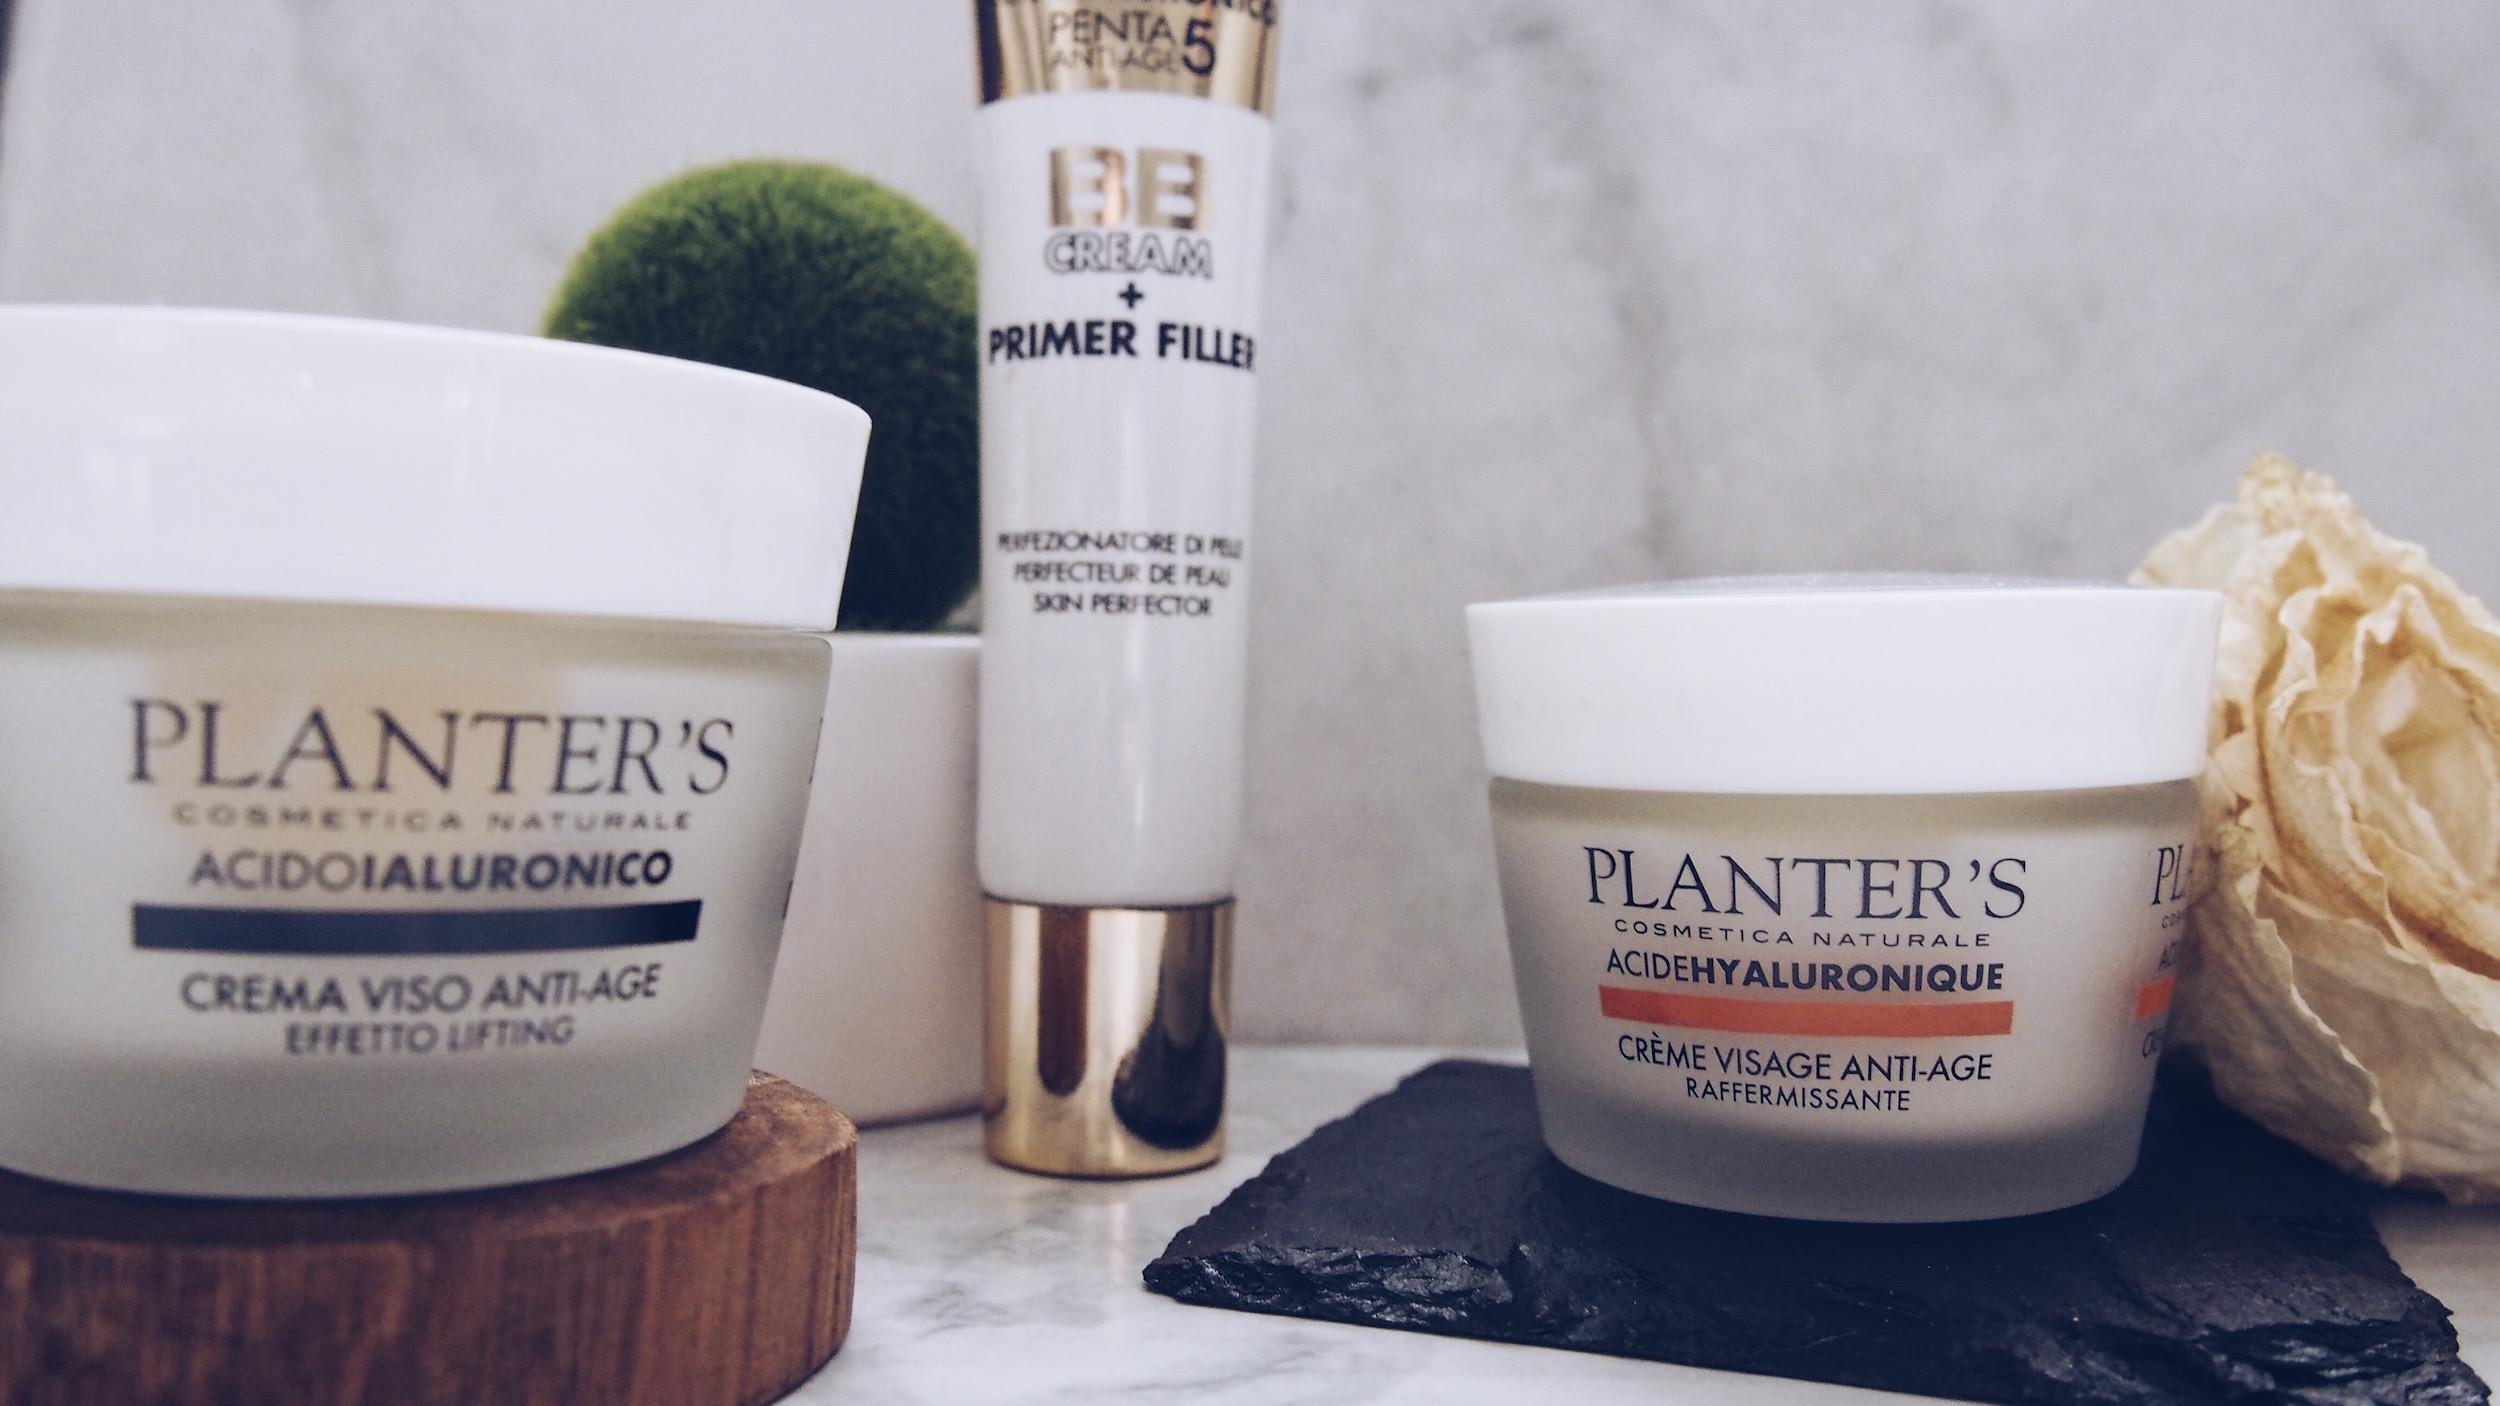 Planter's ** Cosmétiques naturels haut de gamme